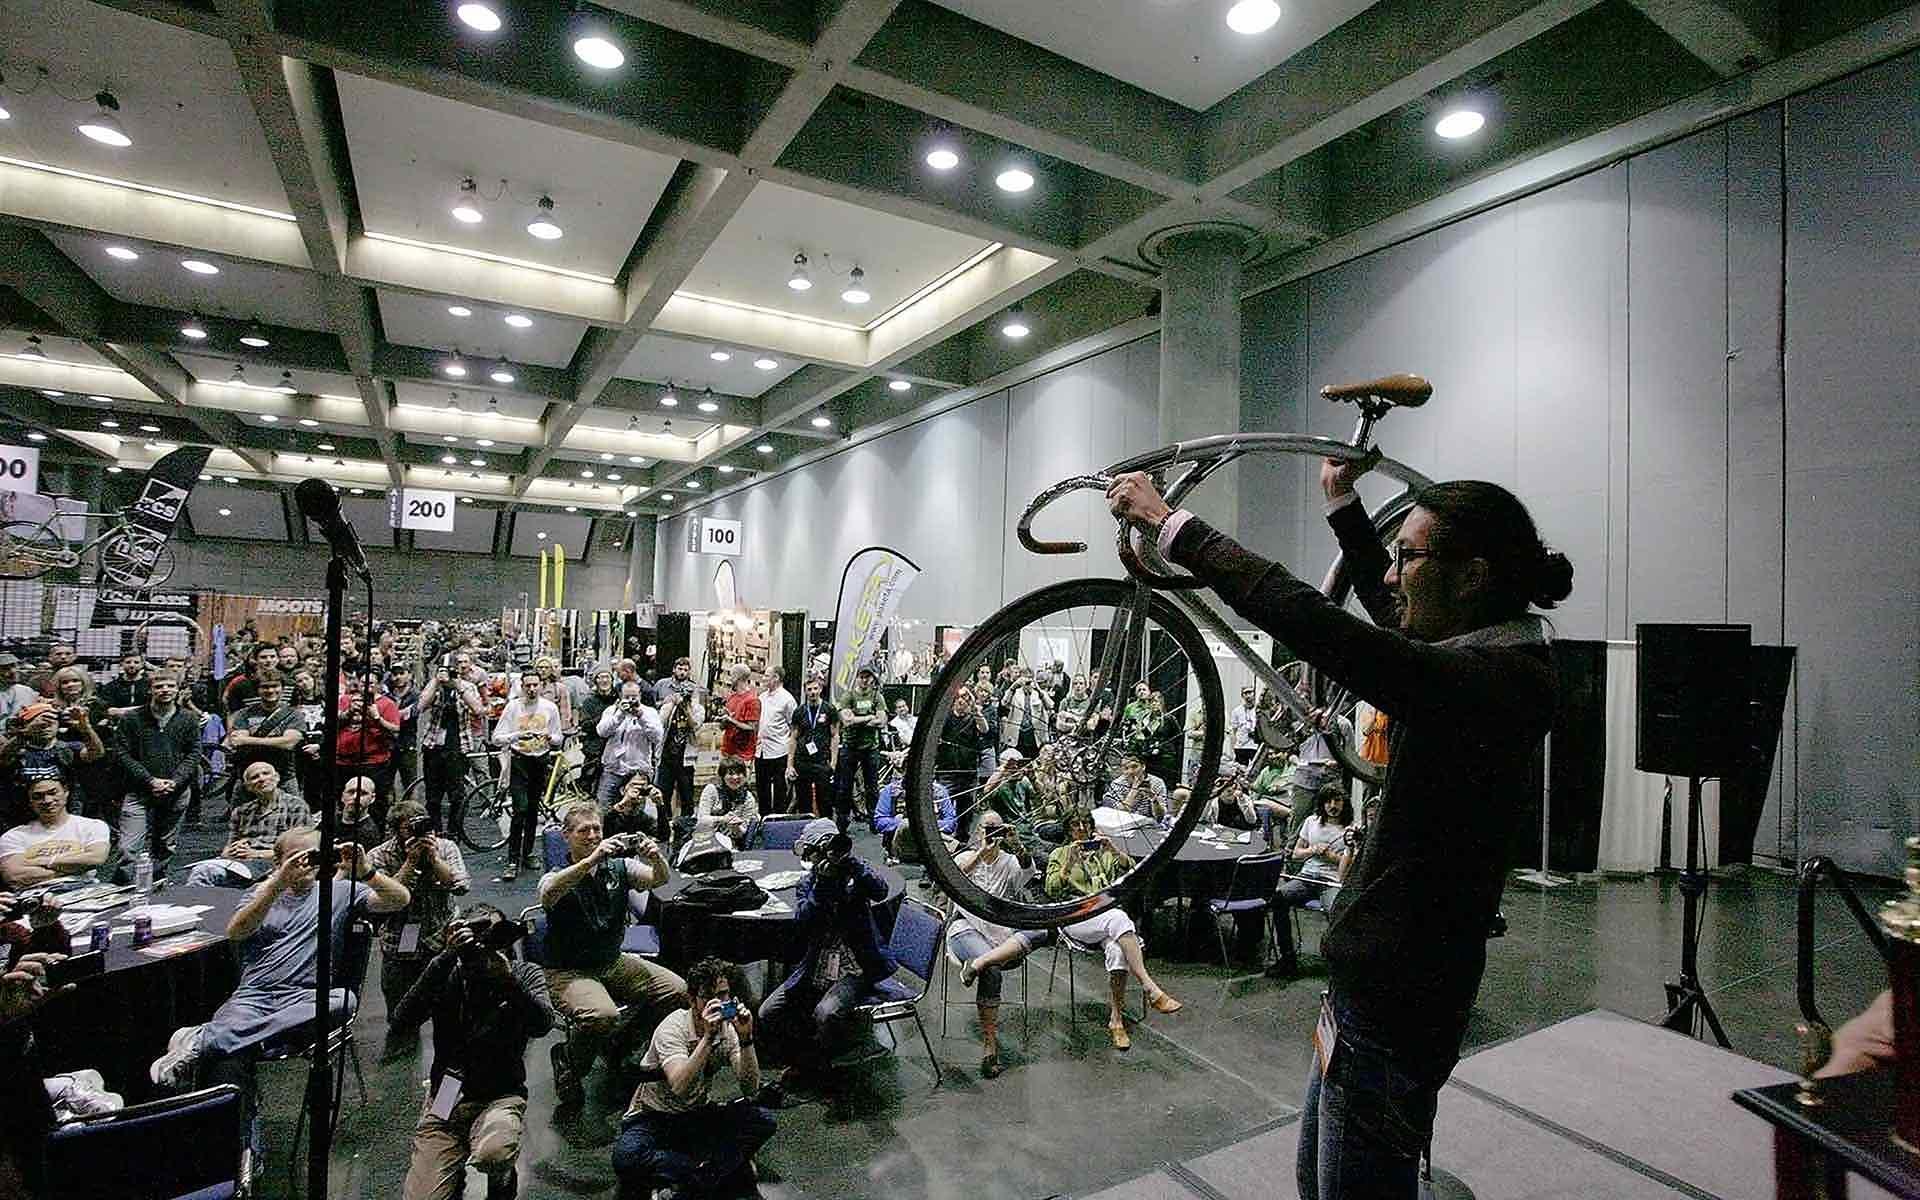 五輪選手の好成績を助ける、日本の職人たちの「道具作り」秘話